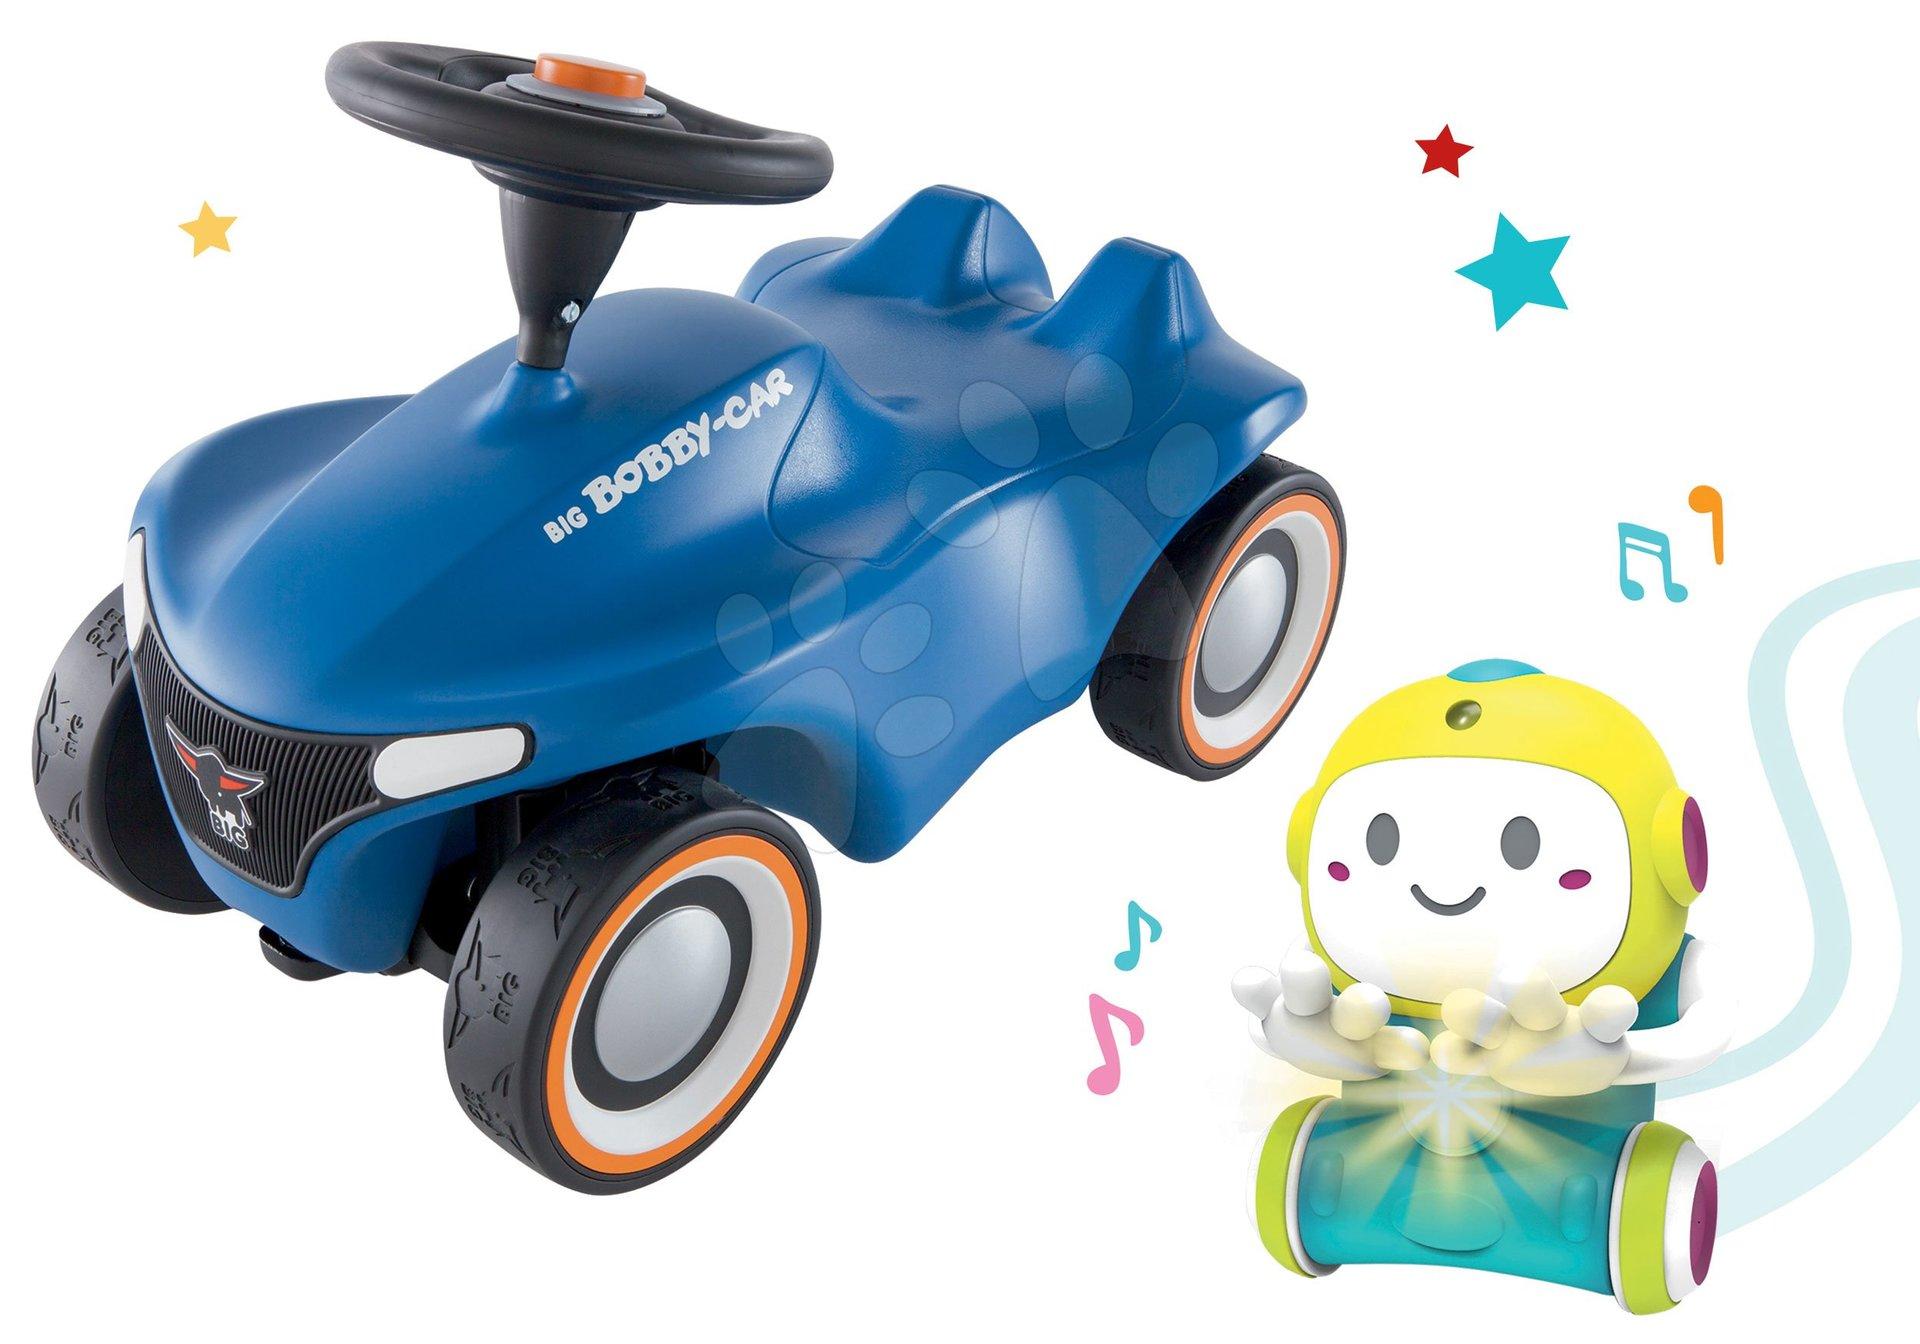 Set Interaktívny Robot 1,2,3 Smart Smoby a odrážadlo auto Bobby Car Neo Blue